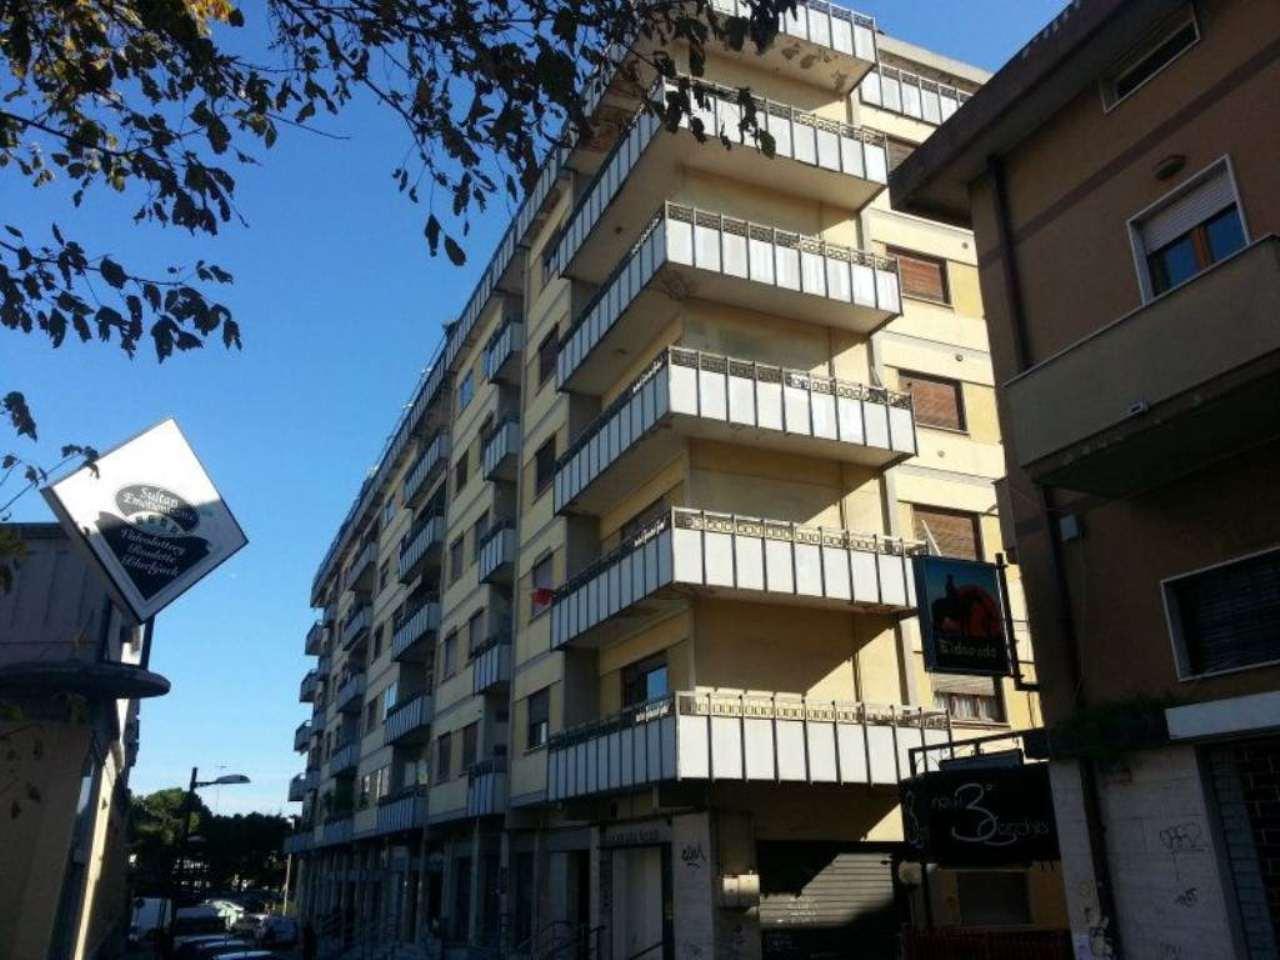 Negozio / Locale in vendita a Pescara, 3 locali, prezzo € 380.000 | Cambio Casa.it